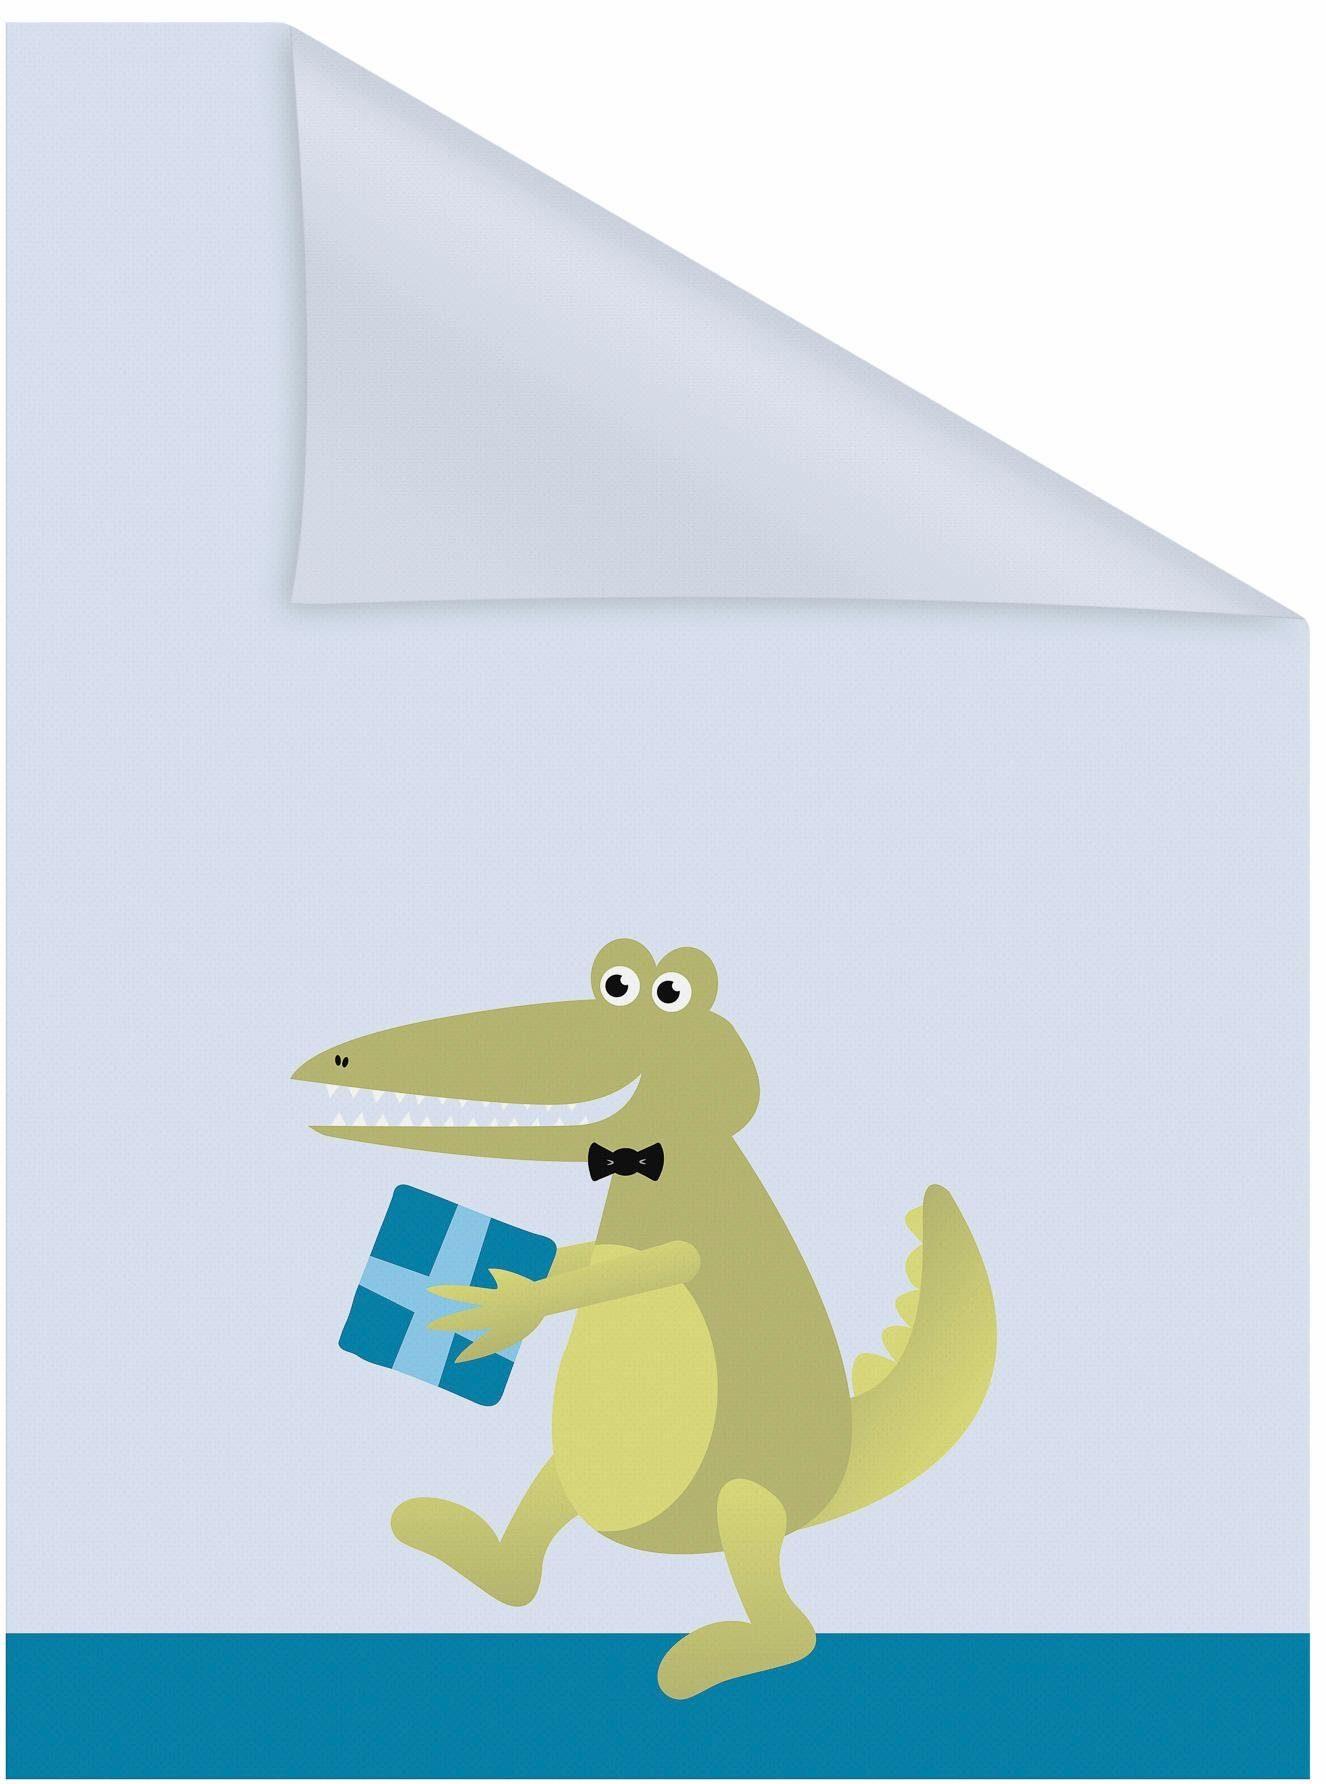 Fensterfolie »Krokodil«, LICHTBLICK, blickdicht, strukturiert, selbstklebend, Sichtschutz